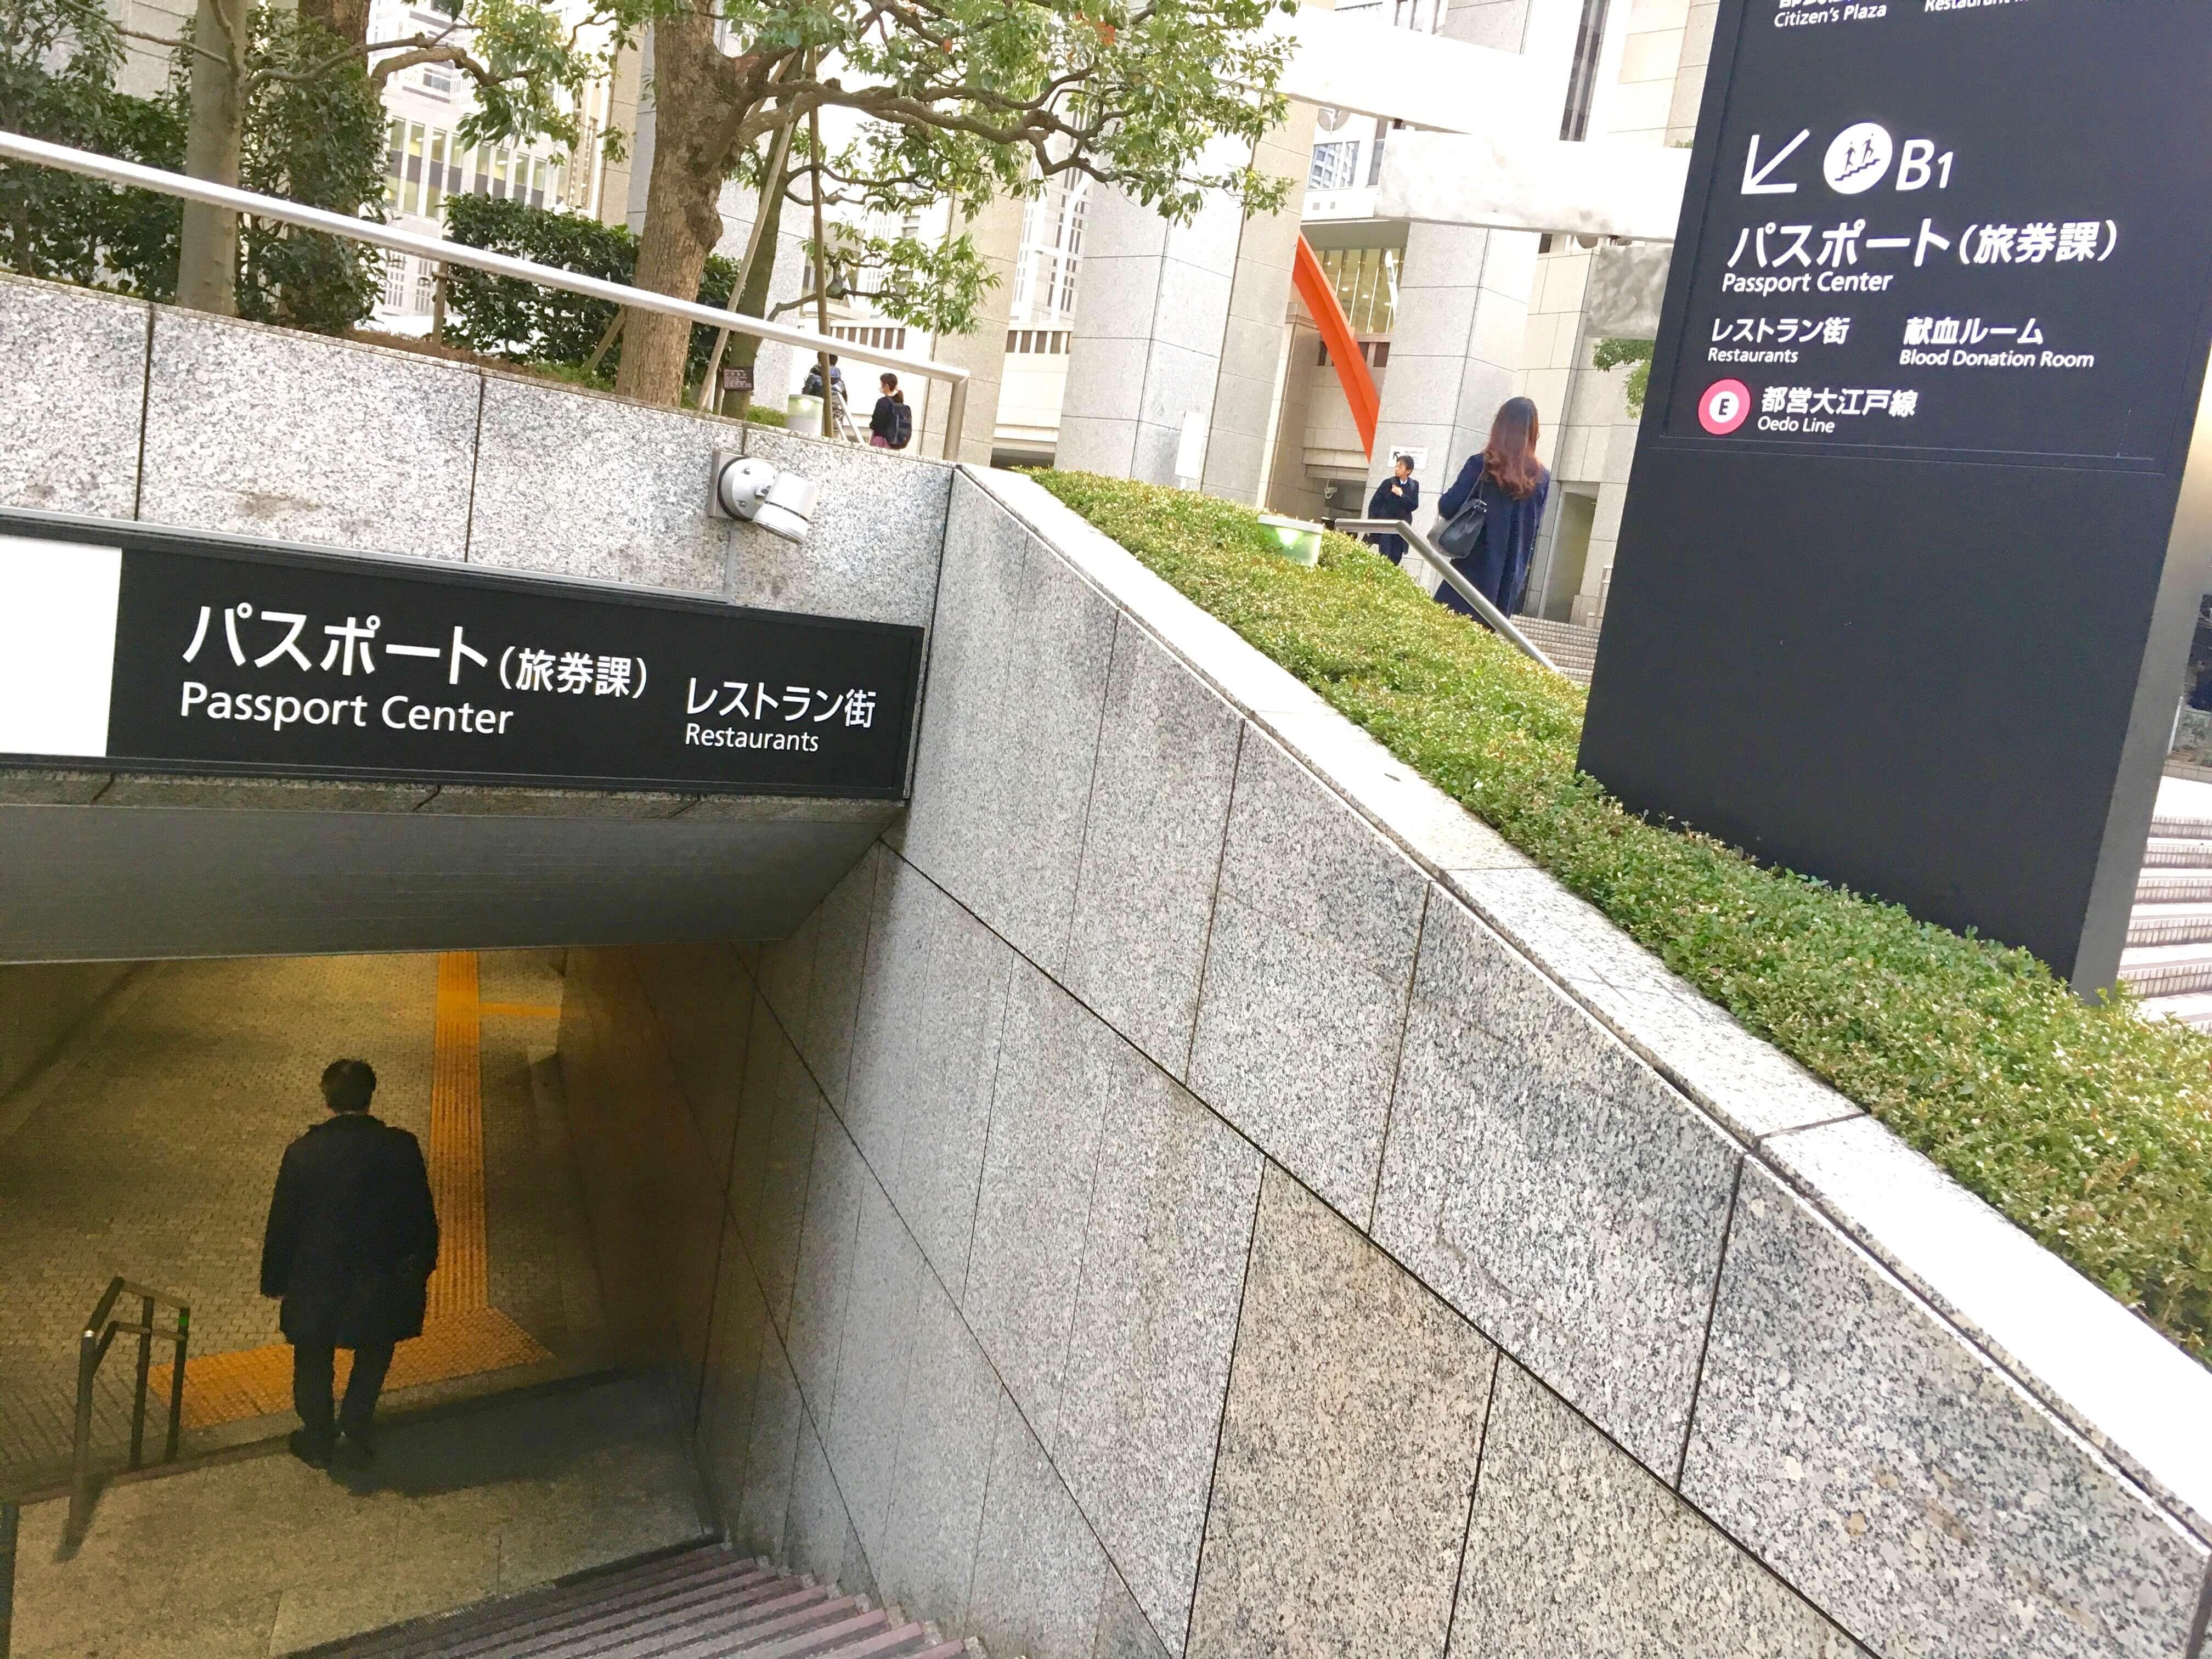 新宿のパスポートセンター 入り口